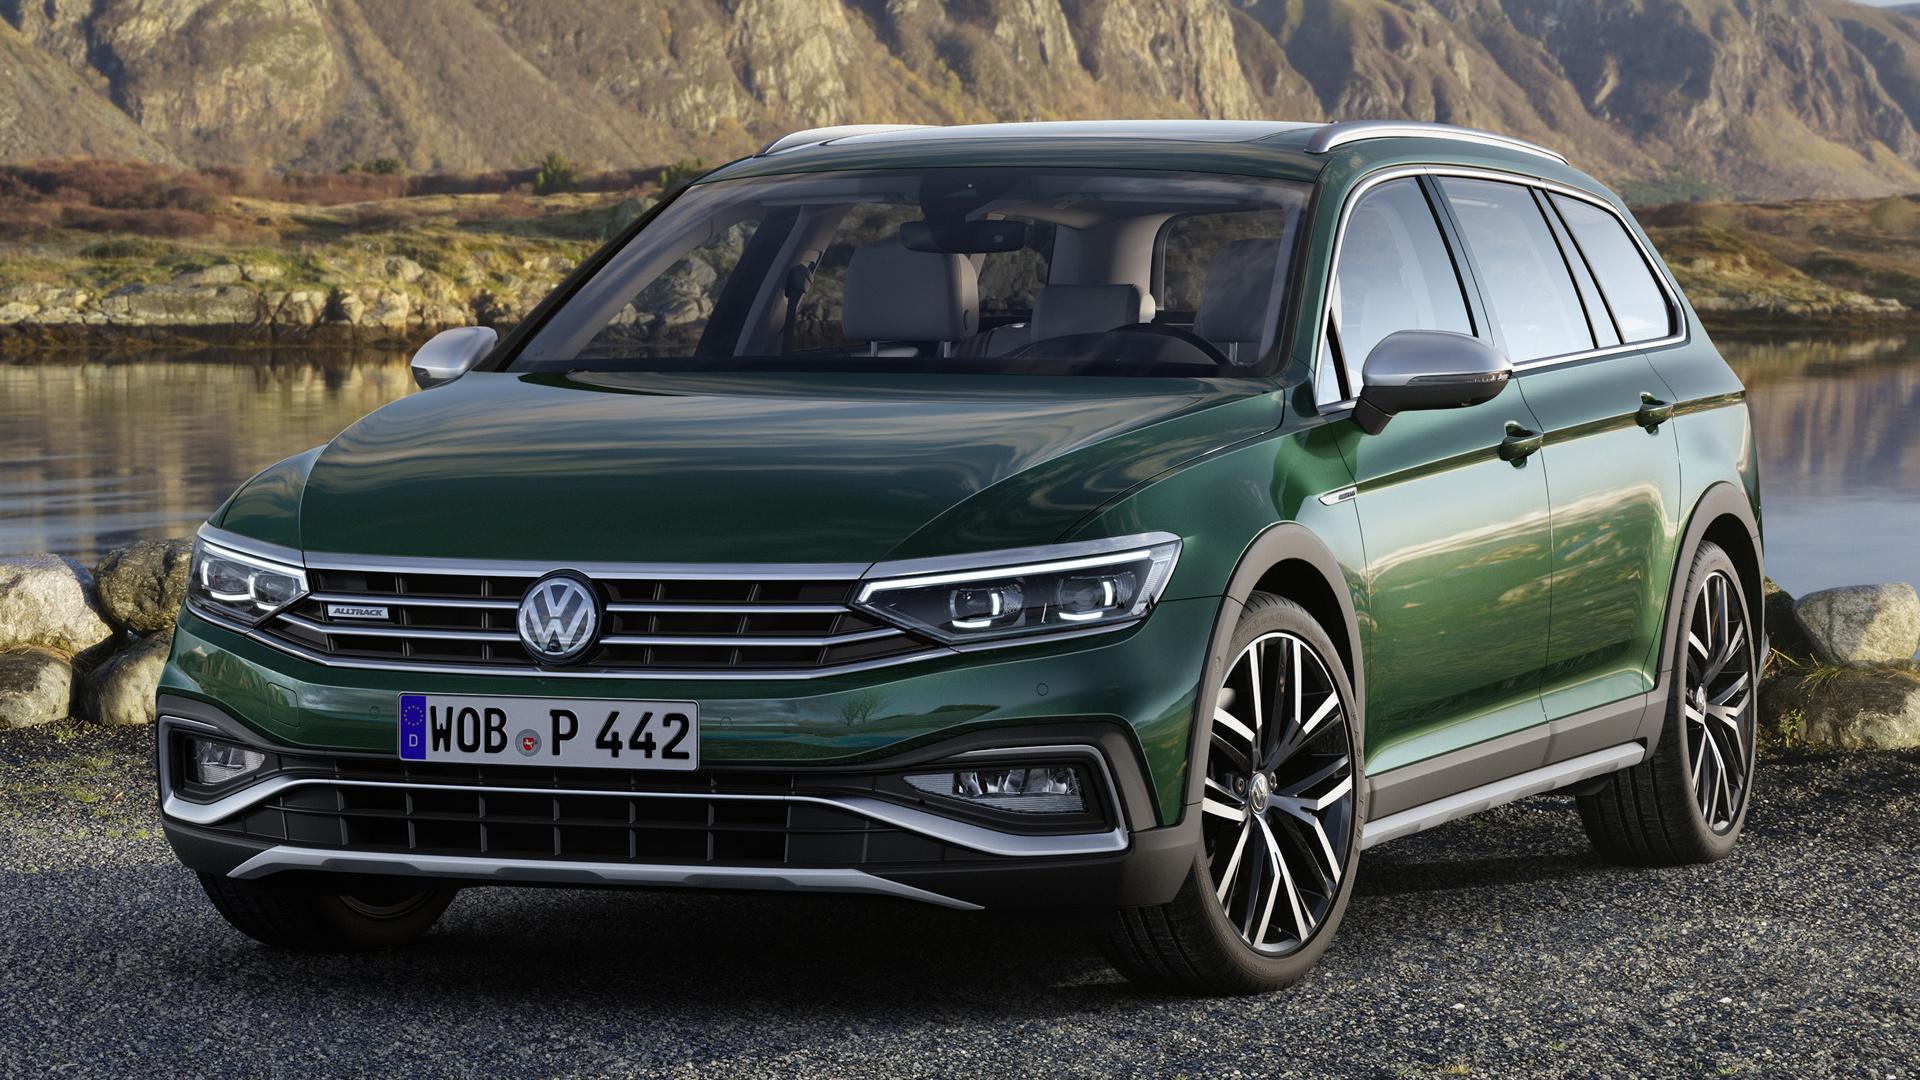 2019 Volkswagen Passat Alltrack   Wallpapers and HD Images Car Pixel 1920x1080